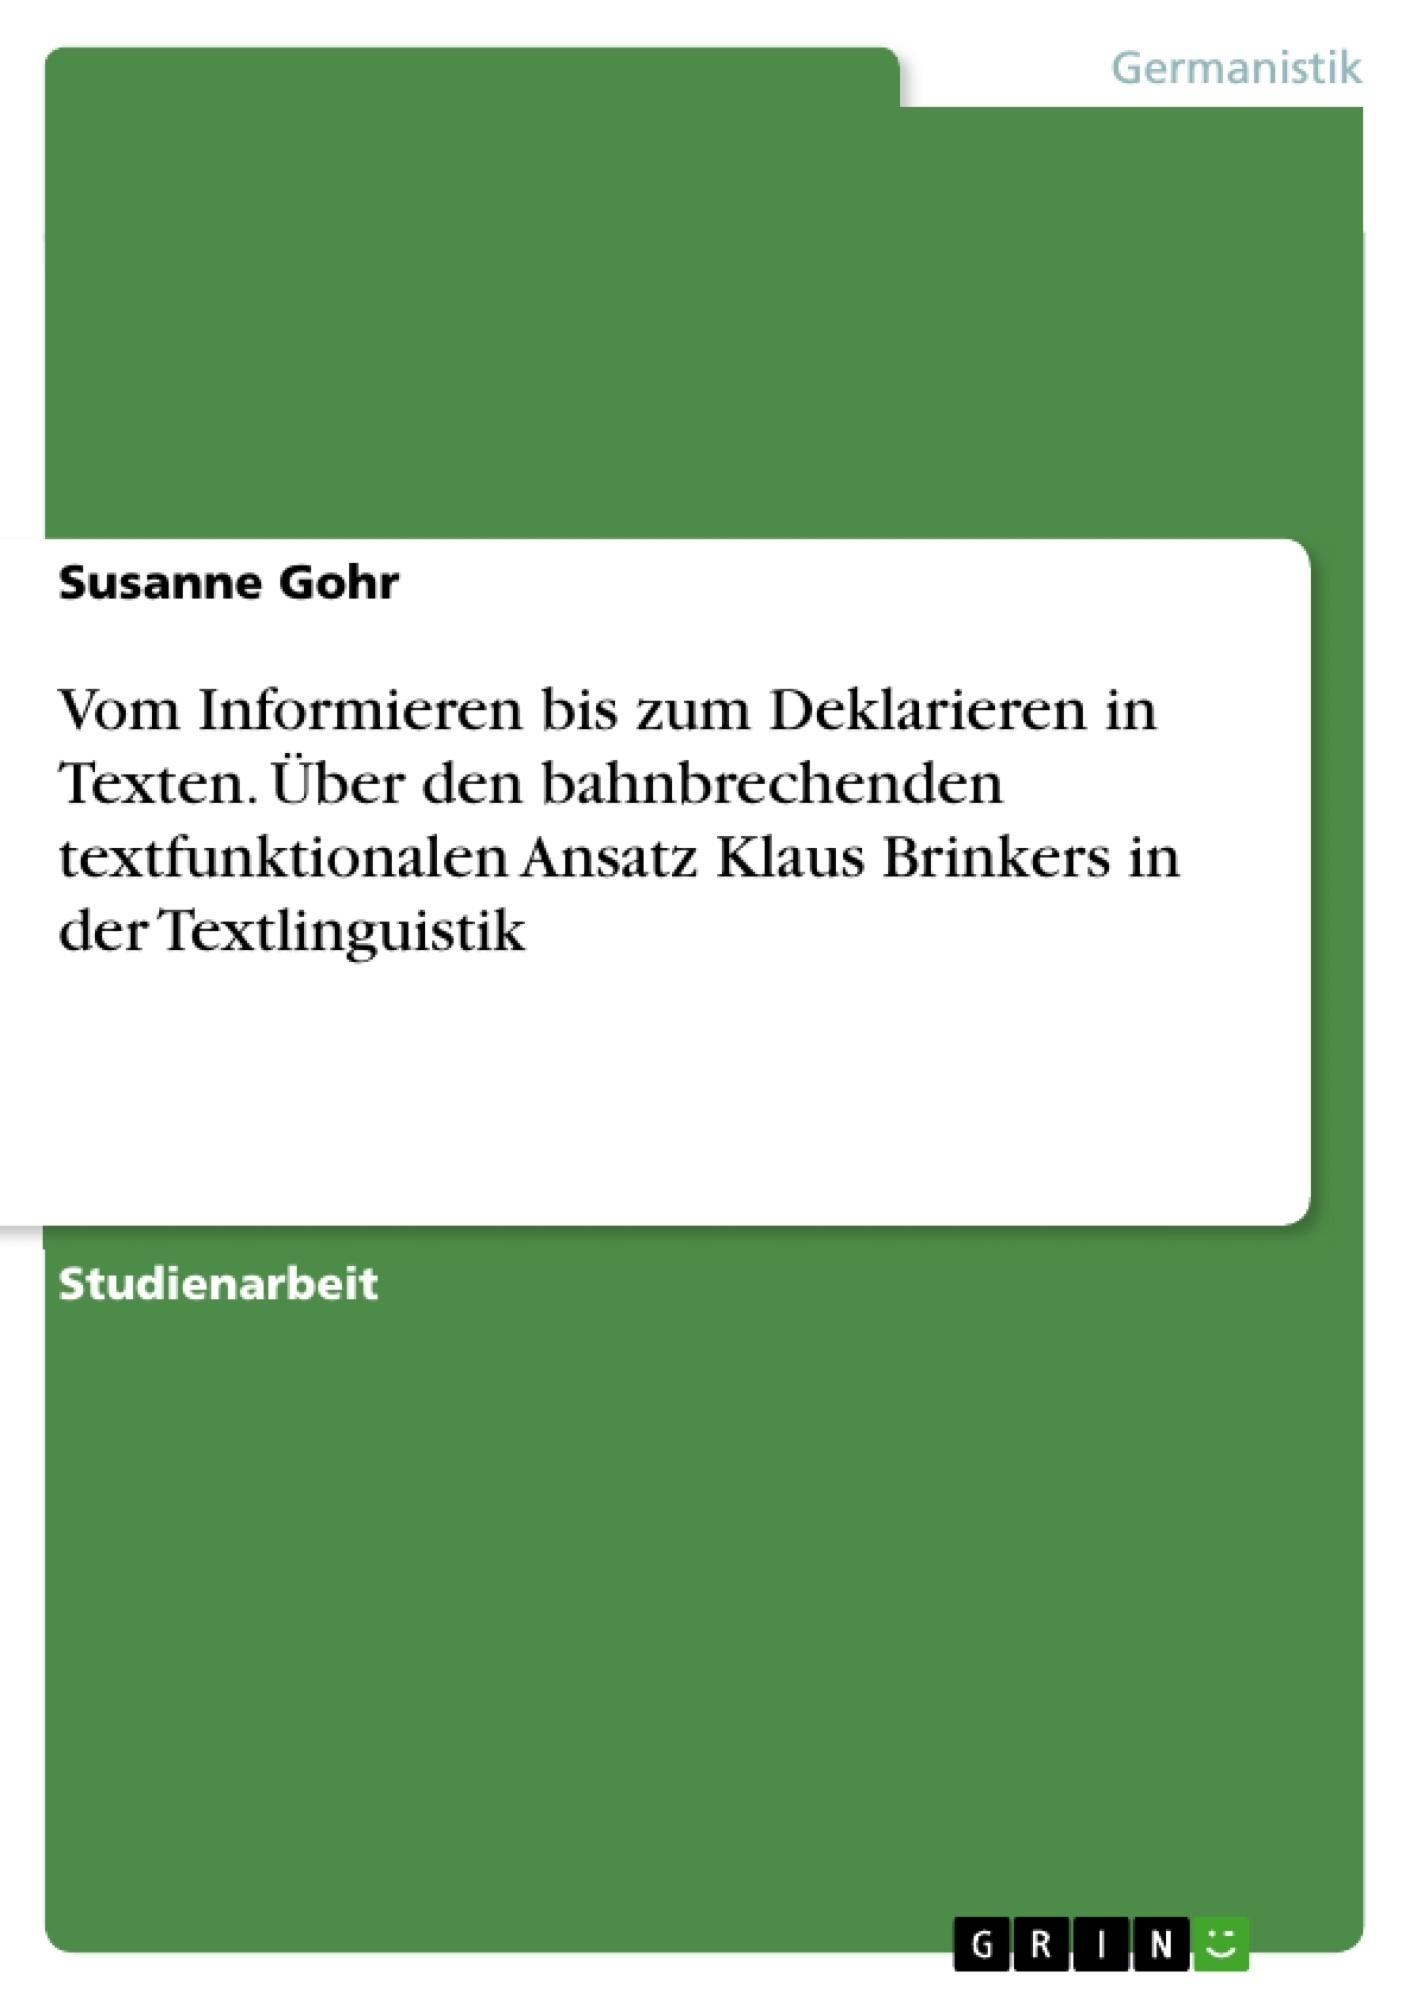 Titel: Vom Informieren bis zum Deklarieren in Texten. Über den bahnbrechenden textfunktionalen Ansatz Klaus Brinkers in der Textlinguistik